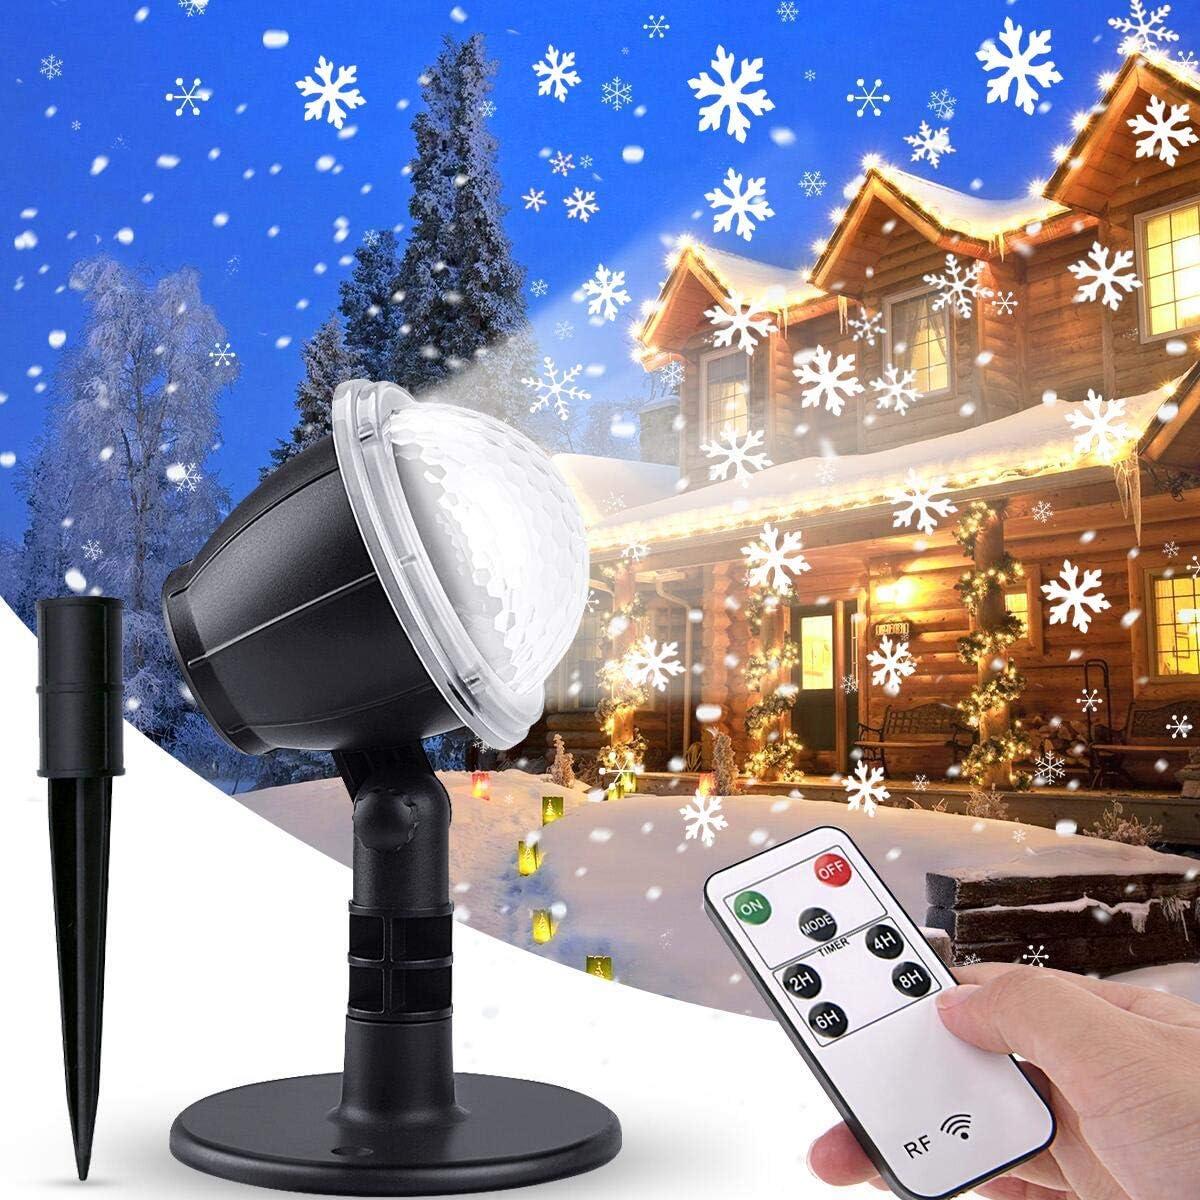 Party VIFLYKOO LED Projektionslampe,LED Schneeflocke Projektorlampe IP65 Wasserdicht Snowflake Projektor Schneefall Lichter Effekt mit Fernbedienung Dekoration f/ür Weihnachten Hochzeit